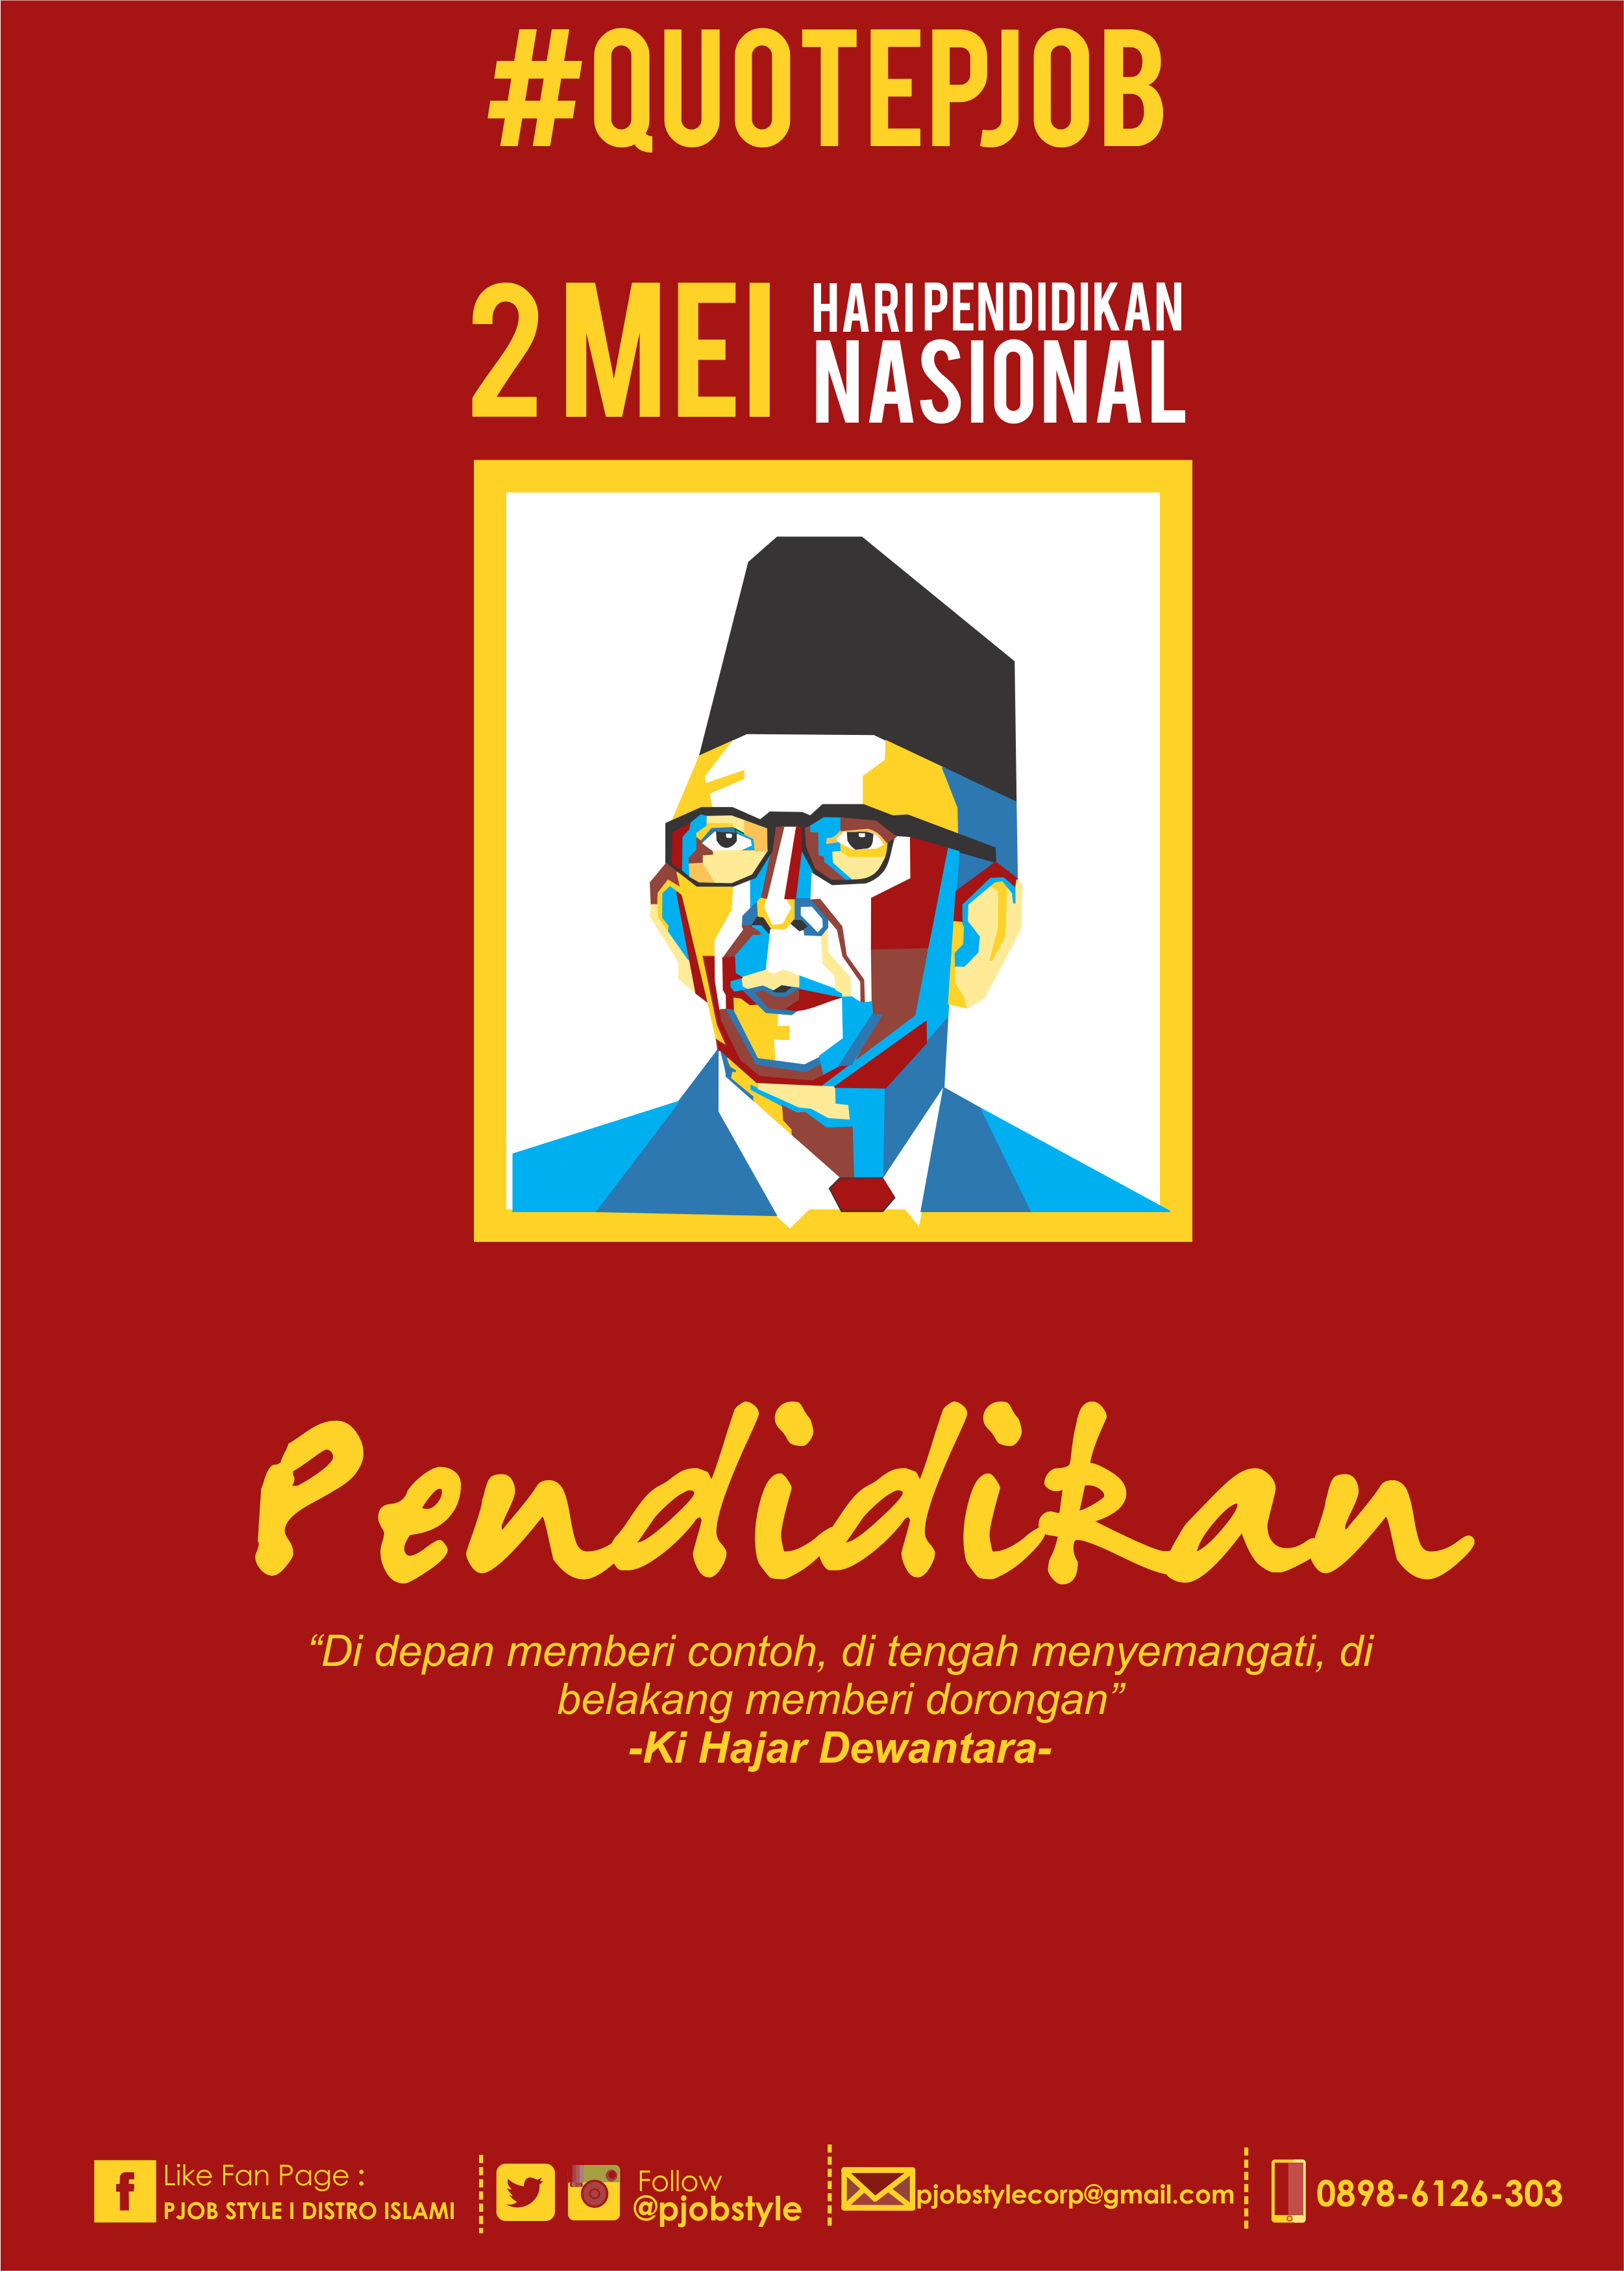 Logo Hari Pendidikan Nasional : pendidikan, nasional, QUOTEPJOB, Selamat, Pendidikan, Nasional, Semoga, Indonesia, Makin, Melahirkan, Generasi, Teladan, Dunia